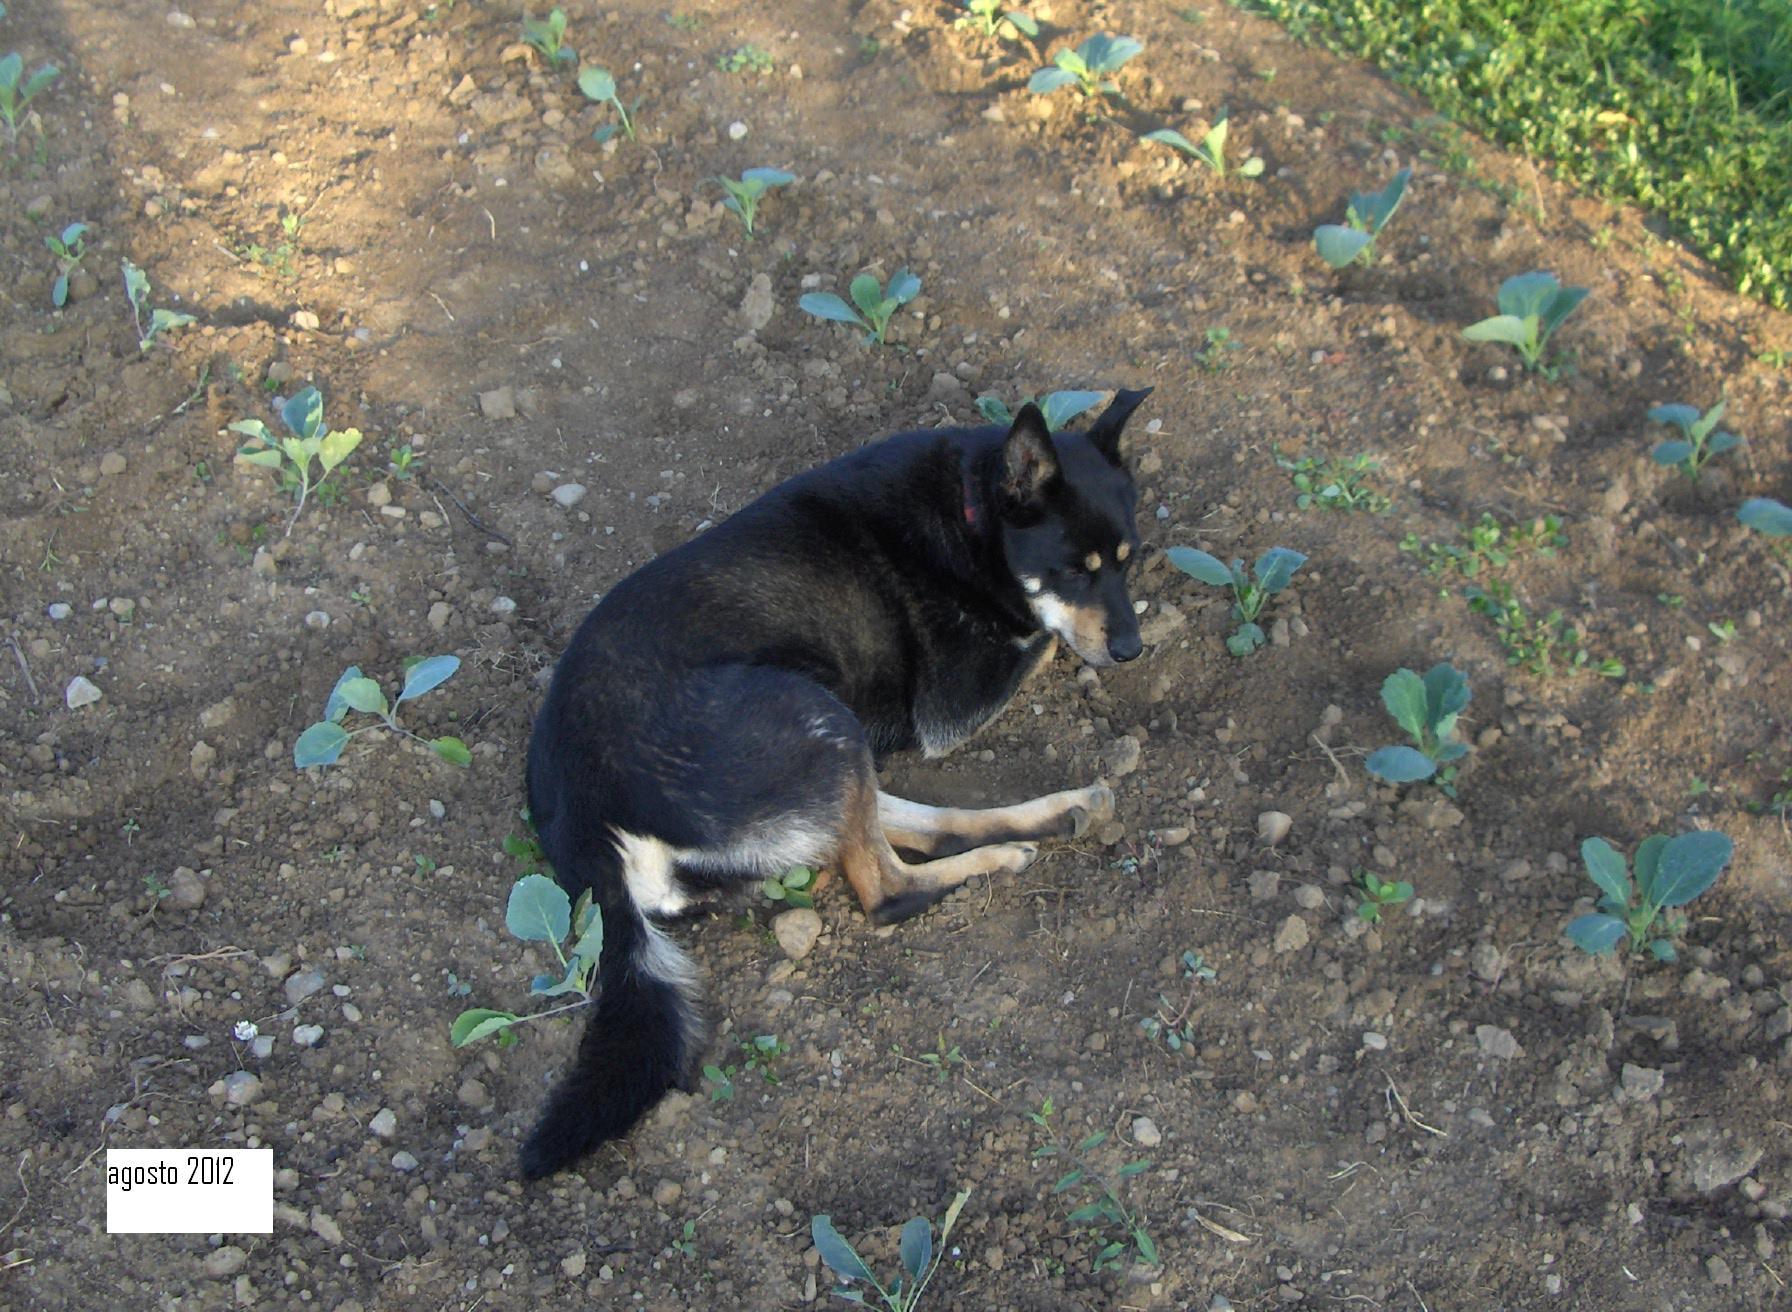 pita cane da orto003 (18)